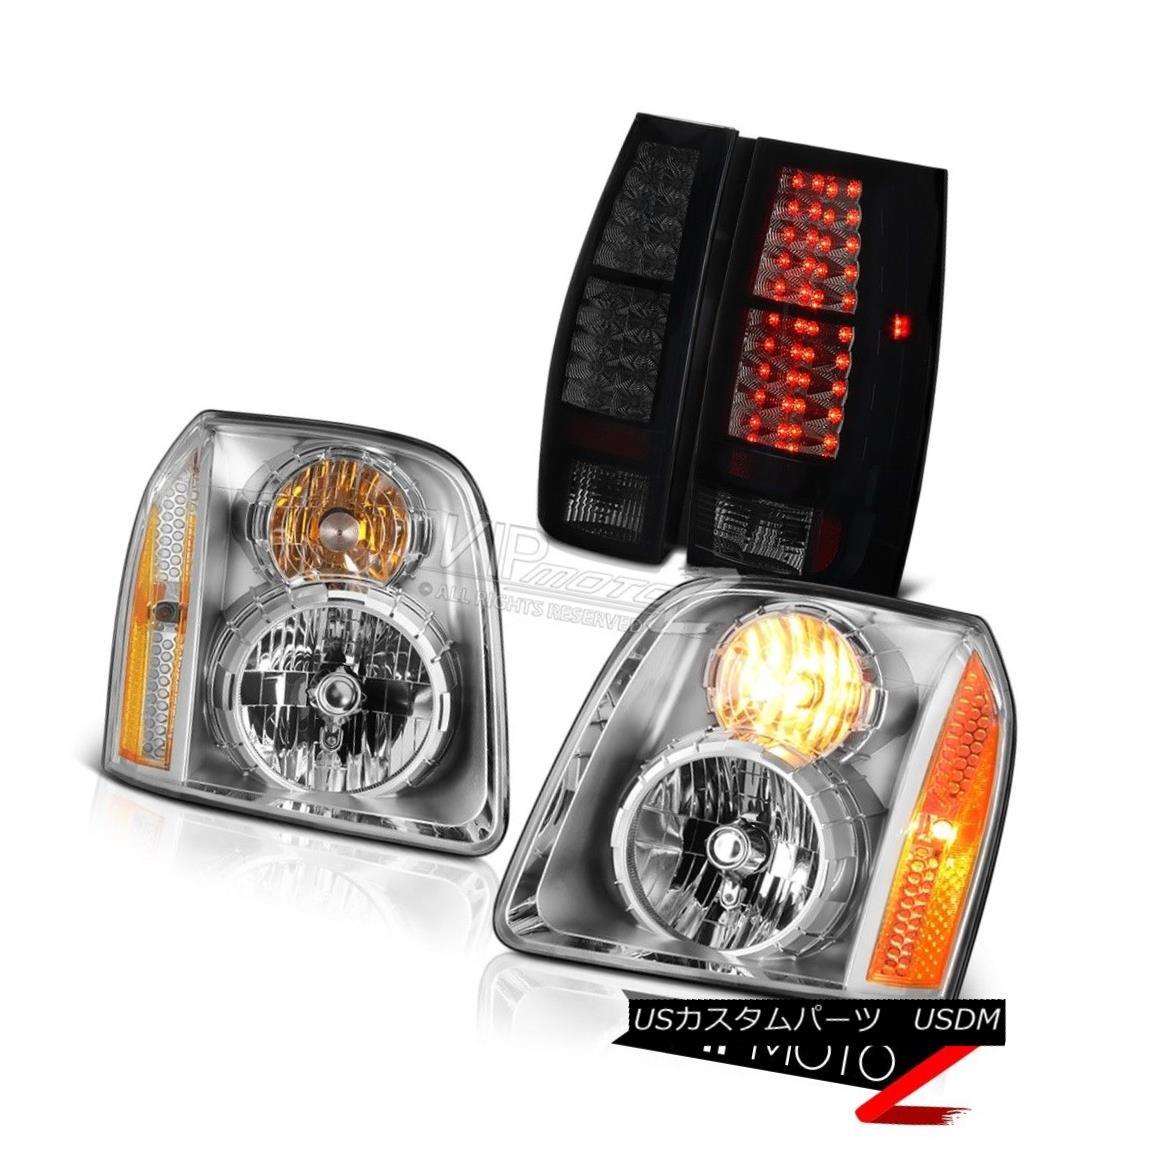 ヘッドライト 2007-2014 GMC Yukon SLT Darkest Smoke Tail Lights Crystal Clear Headlights LED 2007-2014 GMC Yukon SLT最暗煙テールライトクリスタルクリアヘッドライトLED